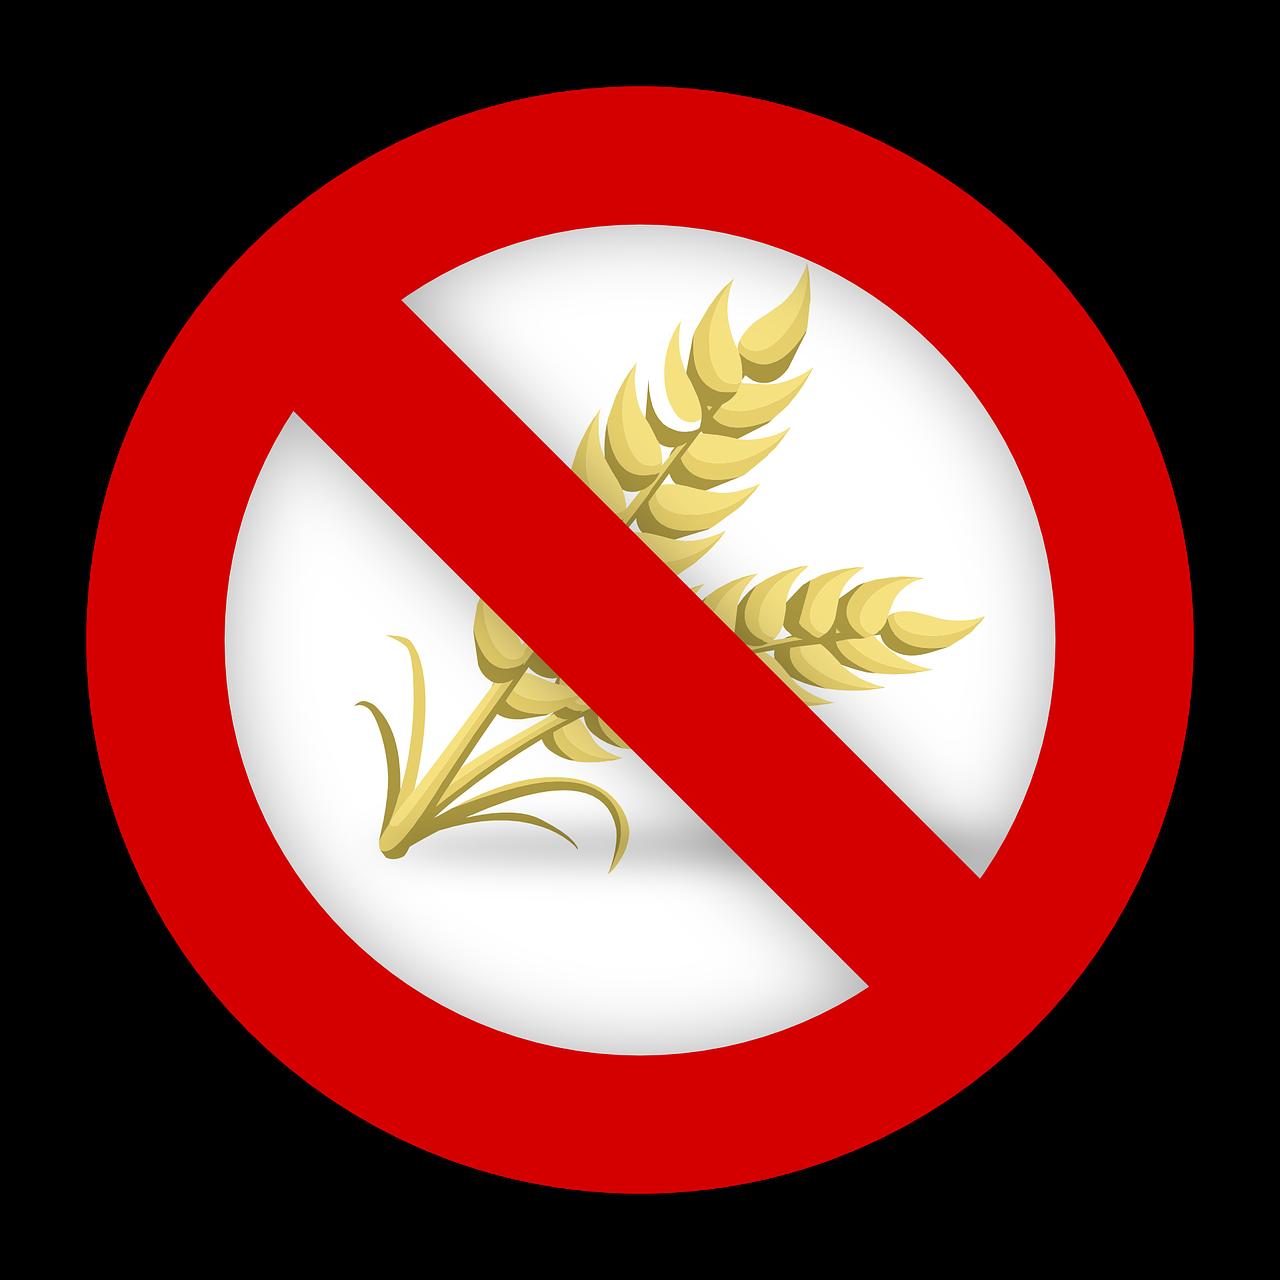 Nem cöliákiás gluténérzékenység diagnózisa